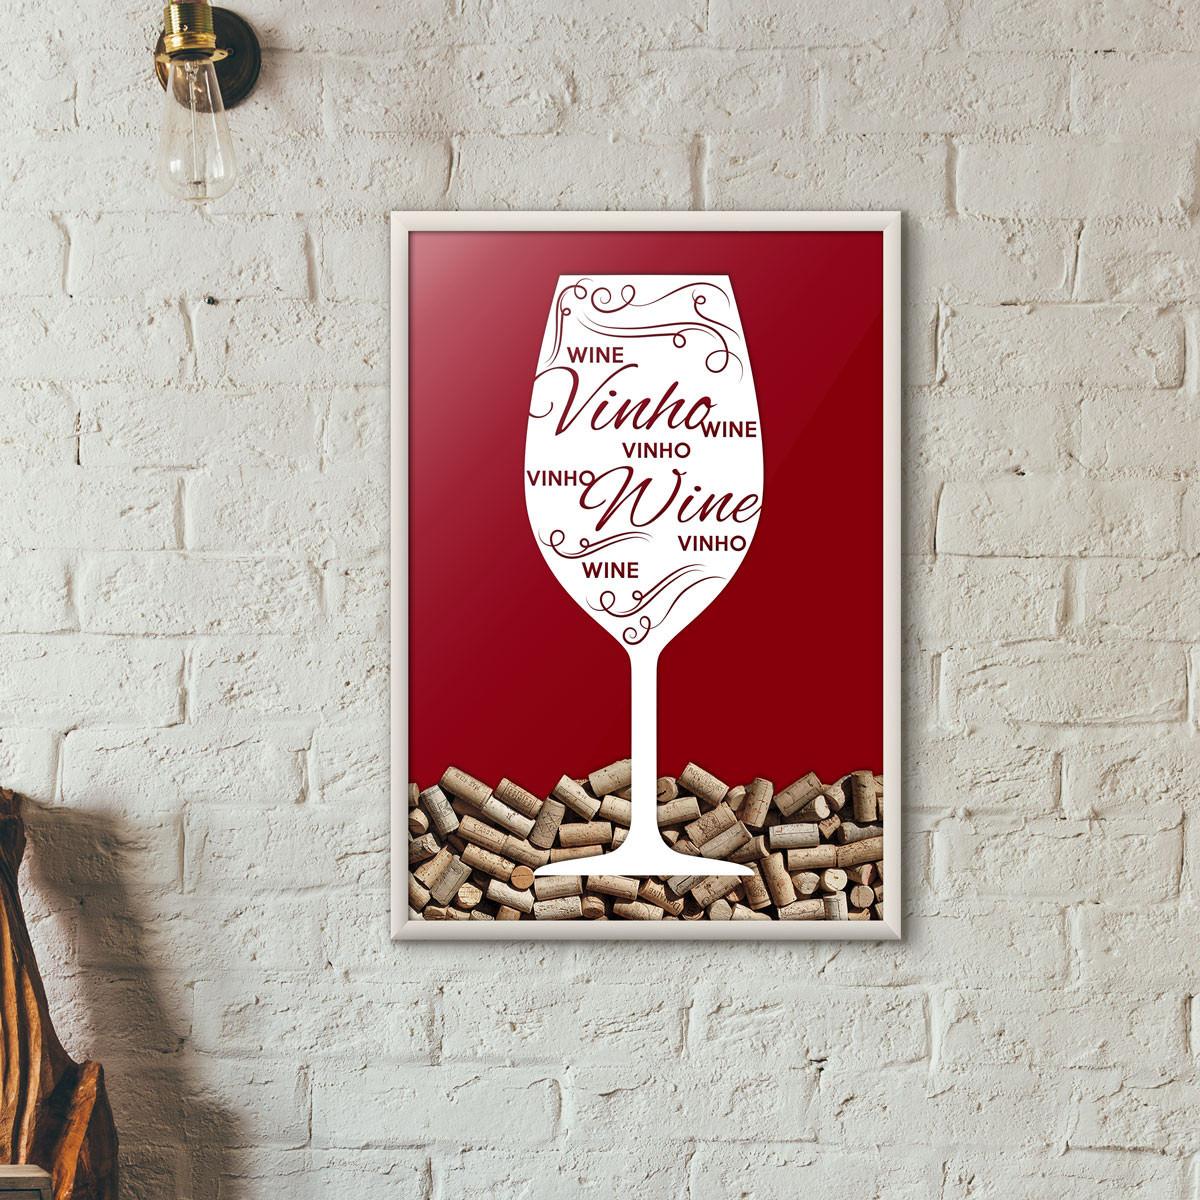 Quadro Porta Rolhas de Vinho - Taça Decorada - Vinho